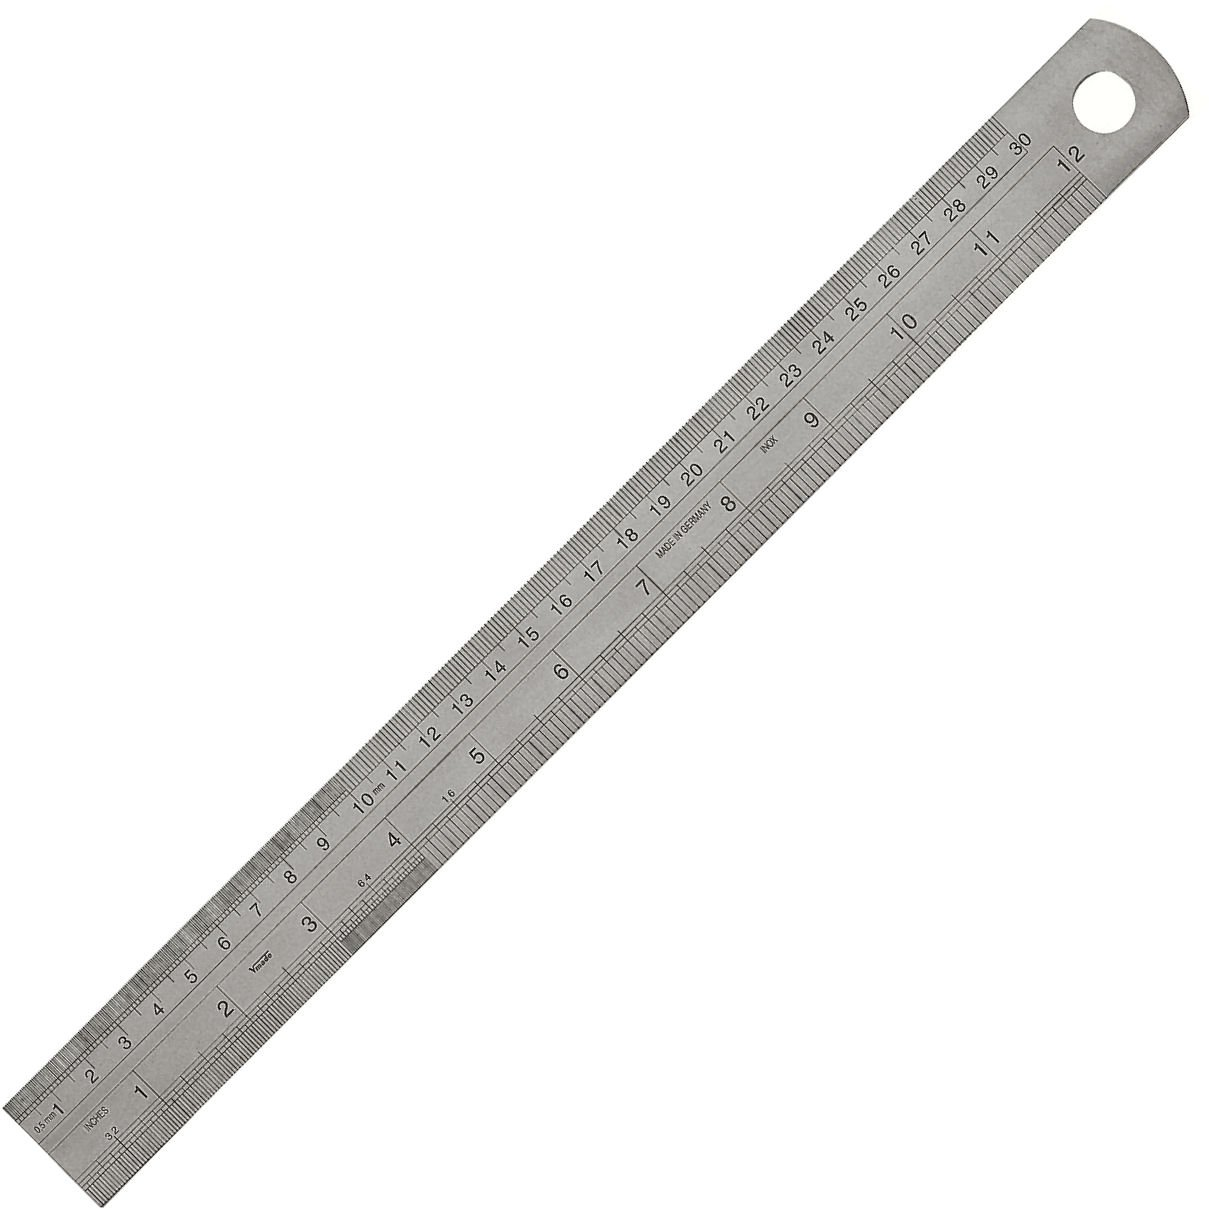 Rostfreier Stahlmassstab 1000 x 30 x 1,0 mm inch-Teilung